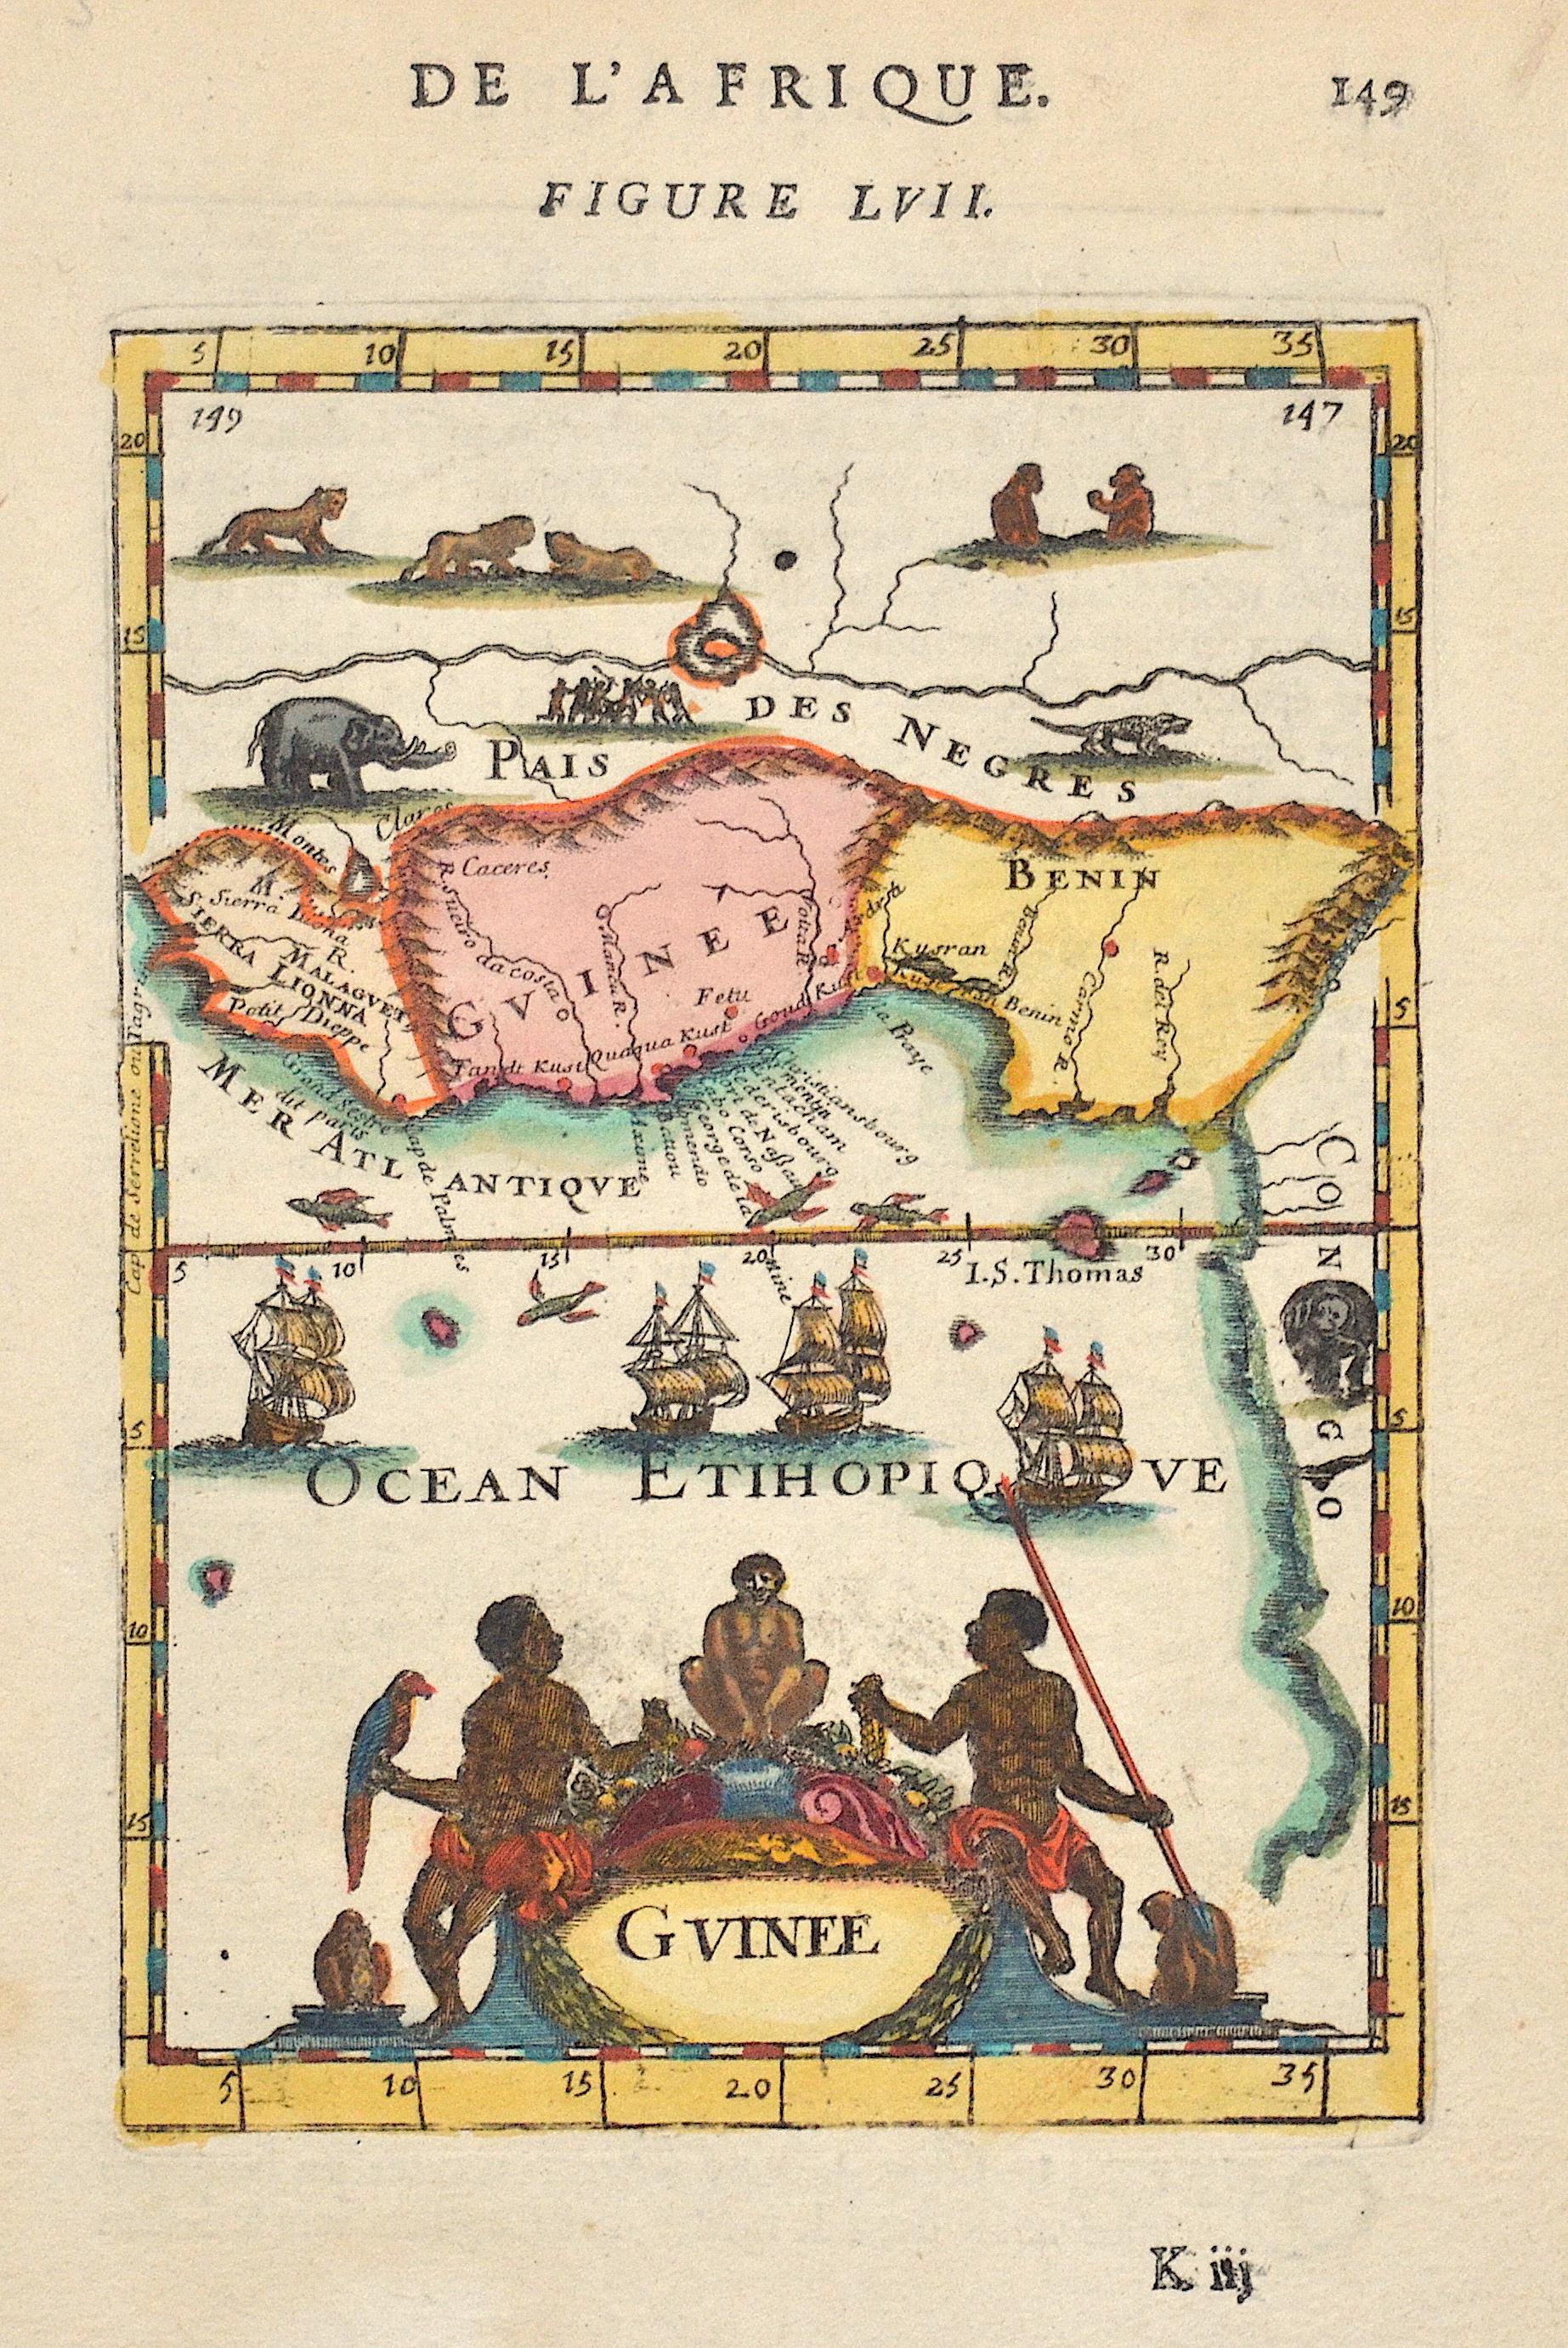 Mallet  De l'Afrique. Figure LVII.